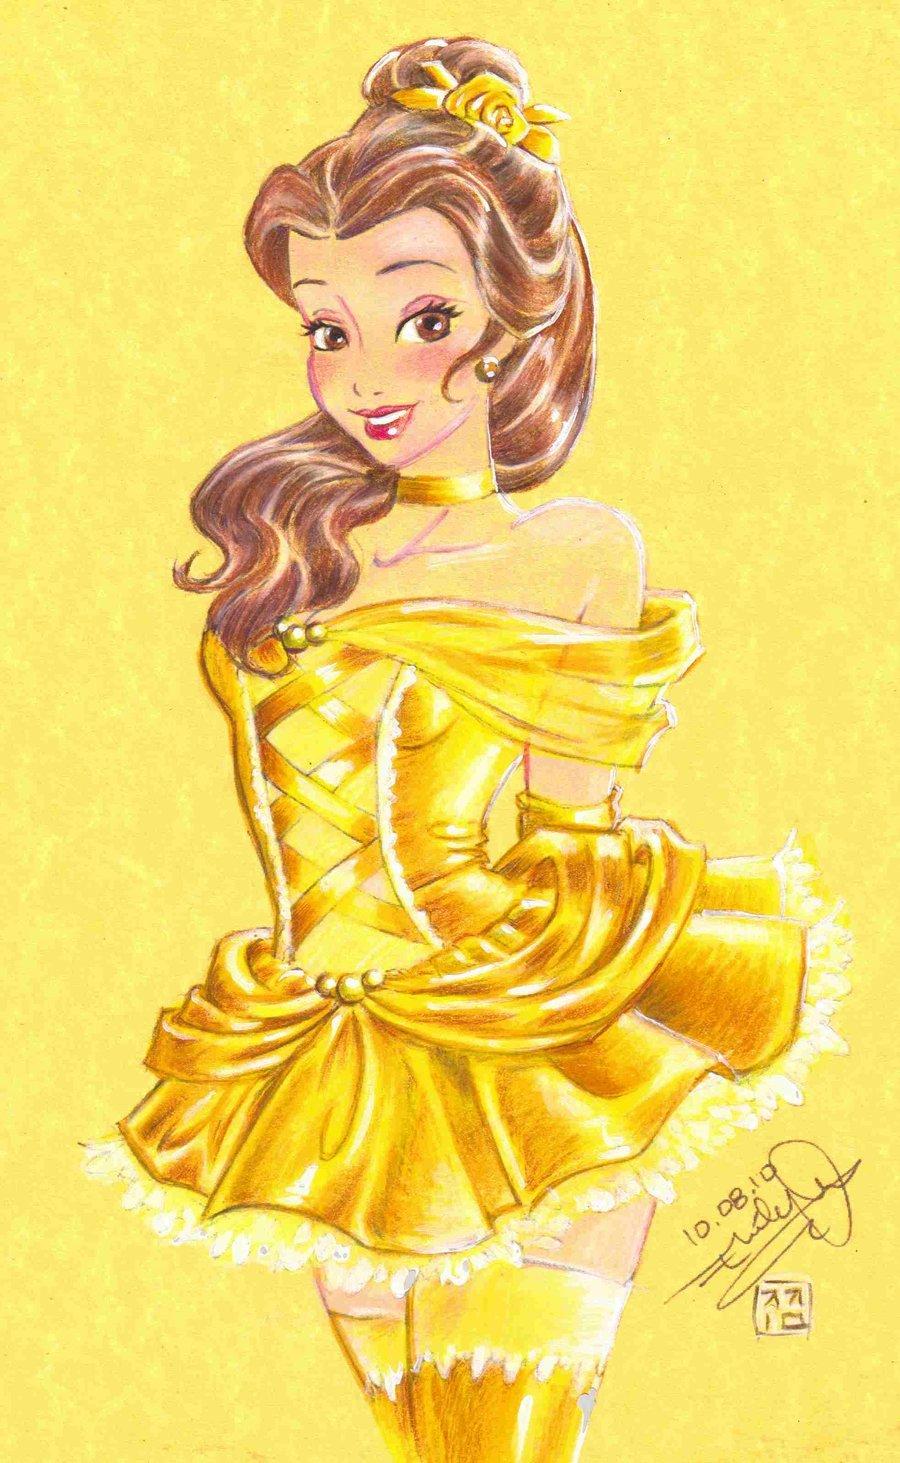 ... Fan Art (26322709) - Fanpop Beauty And The Beast Belle Pink Dress Beauty And The Beast Belle Pink Dress